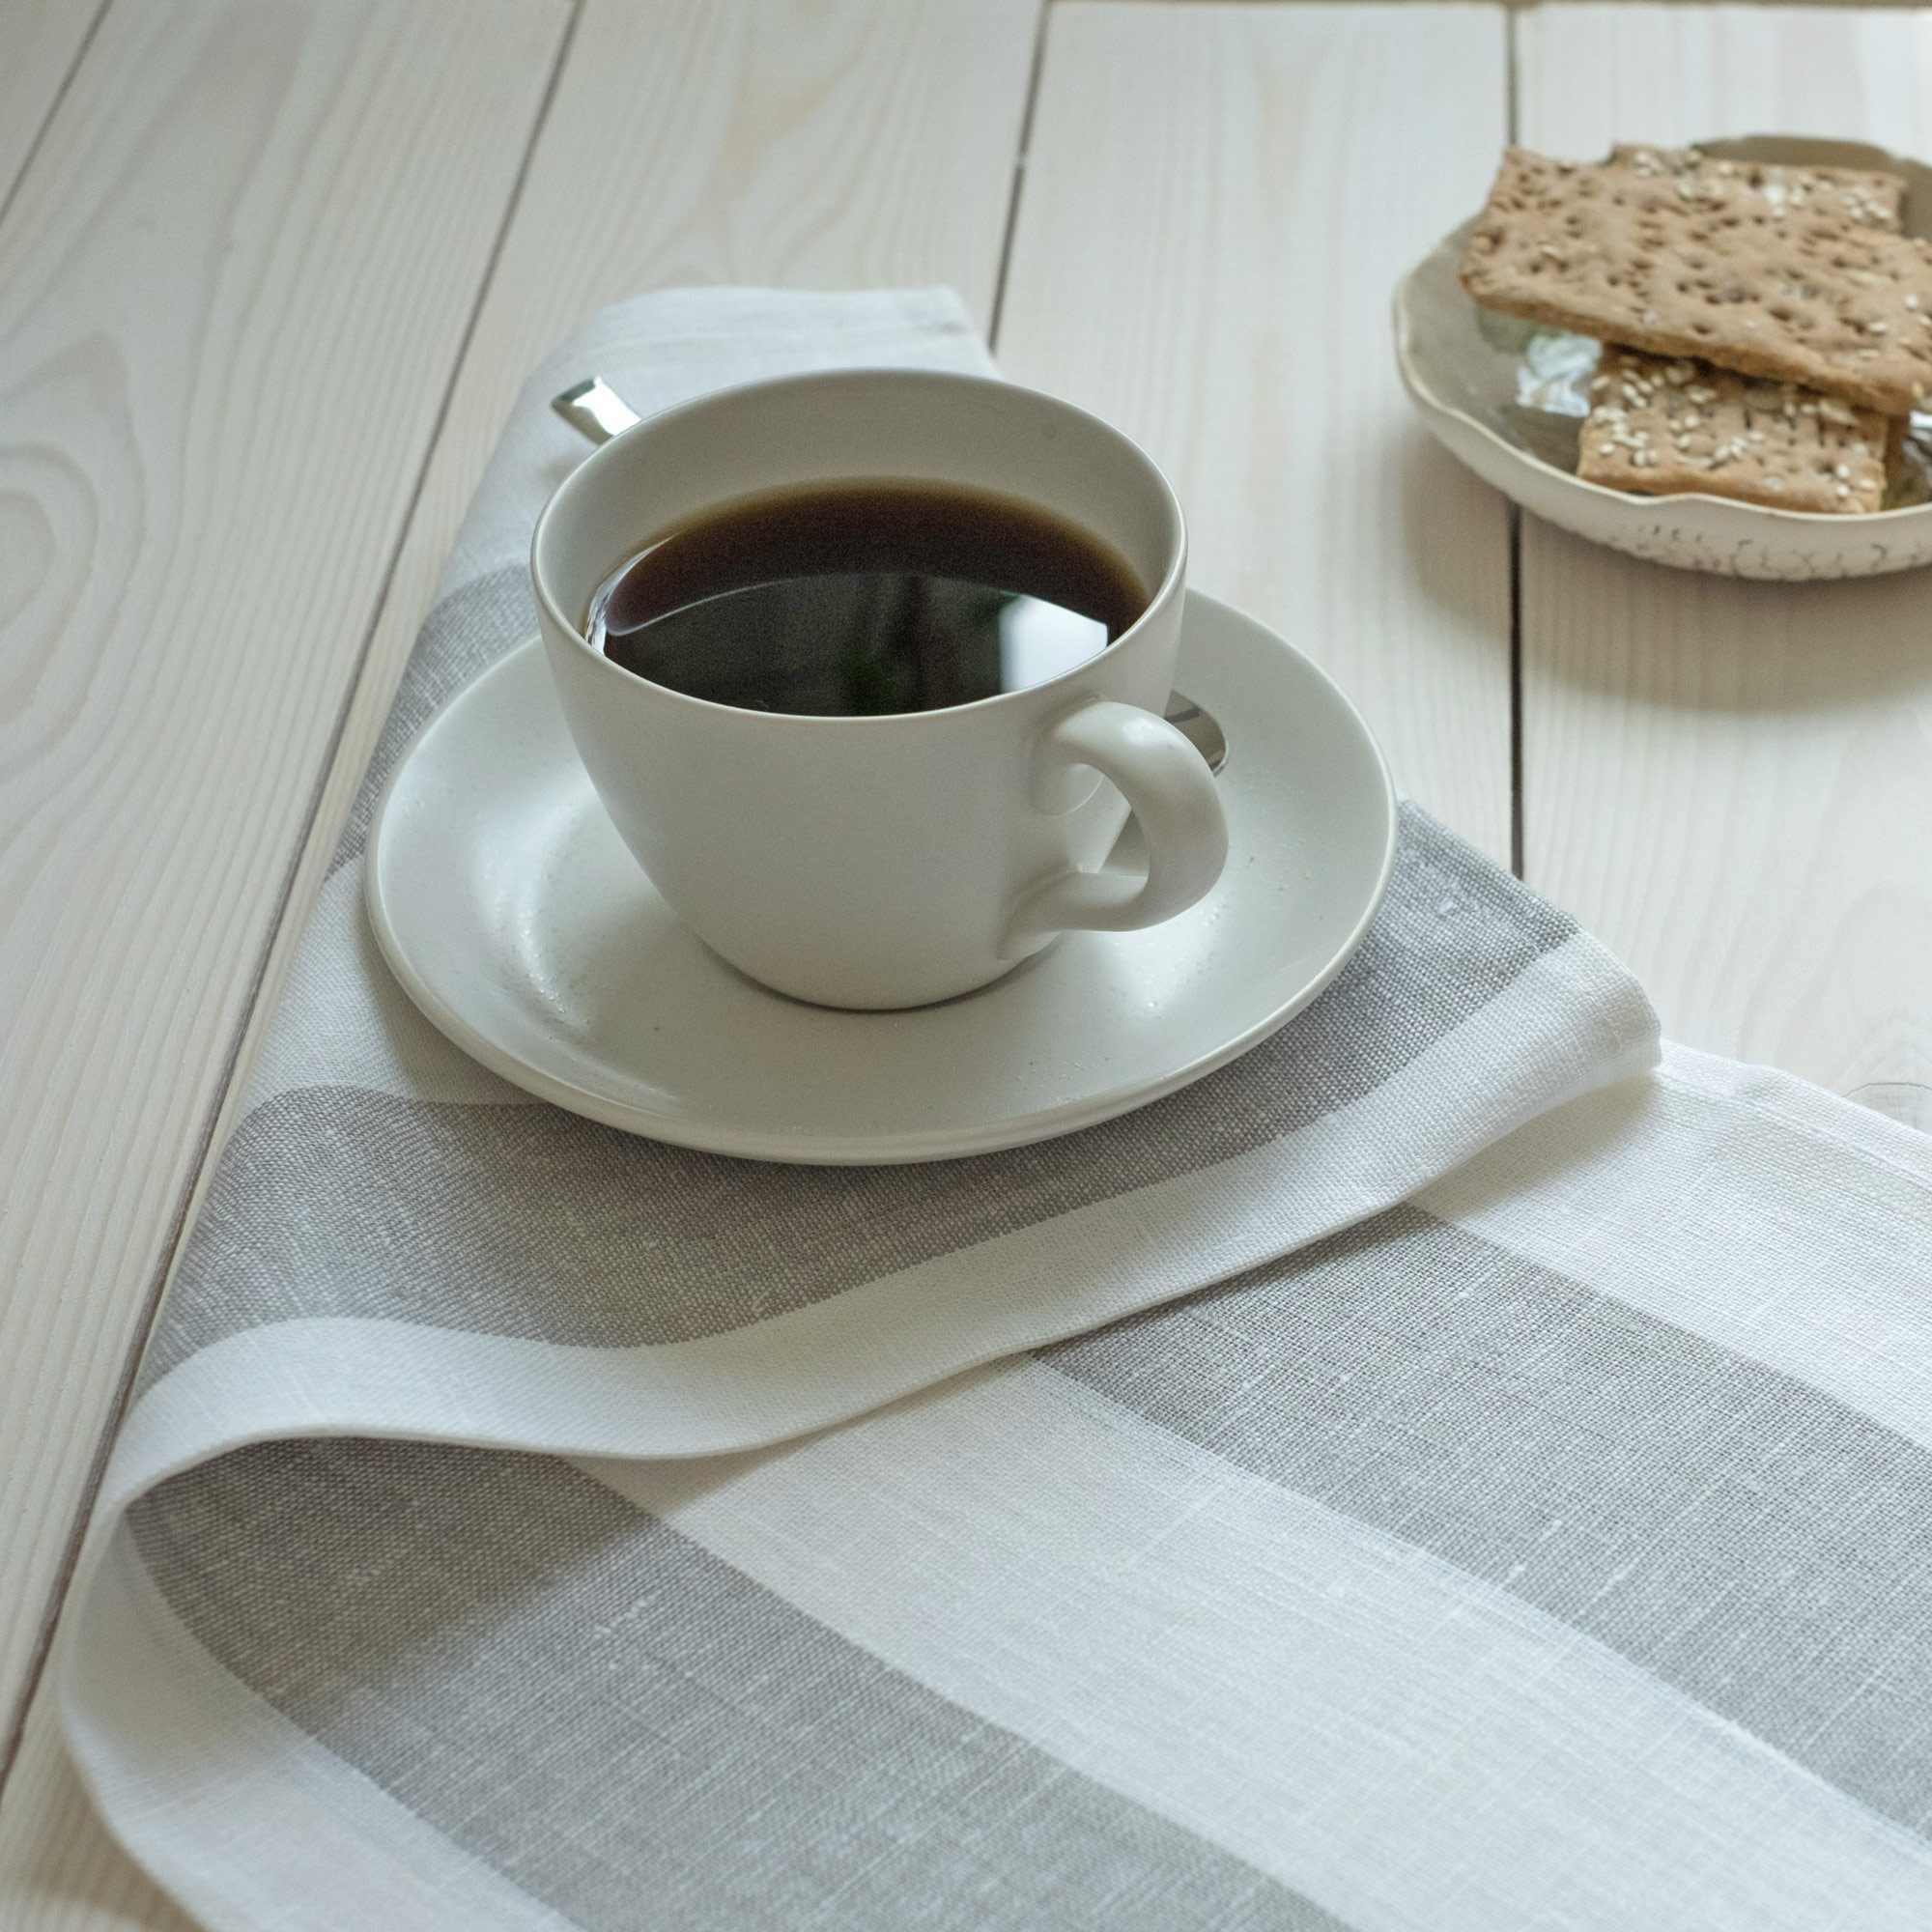 leinen geschirrt cher rissa wei. Black Bedroom Furniture Sets. Home Design Ideas